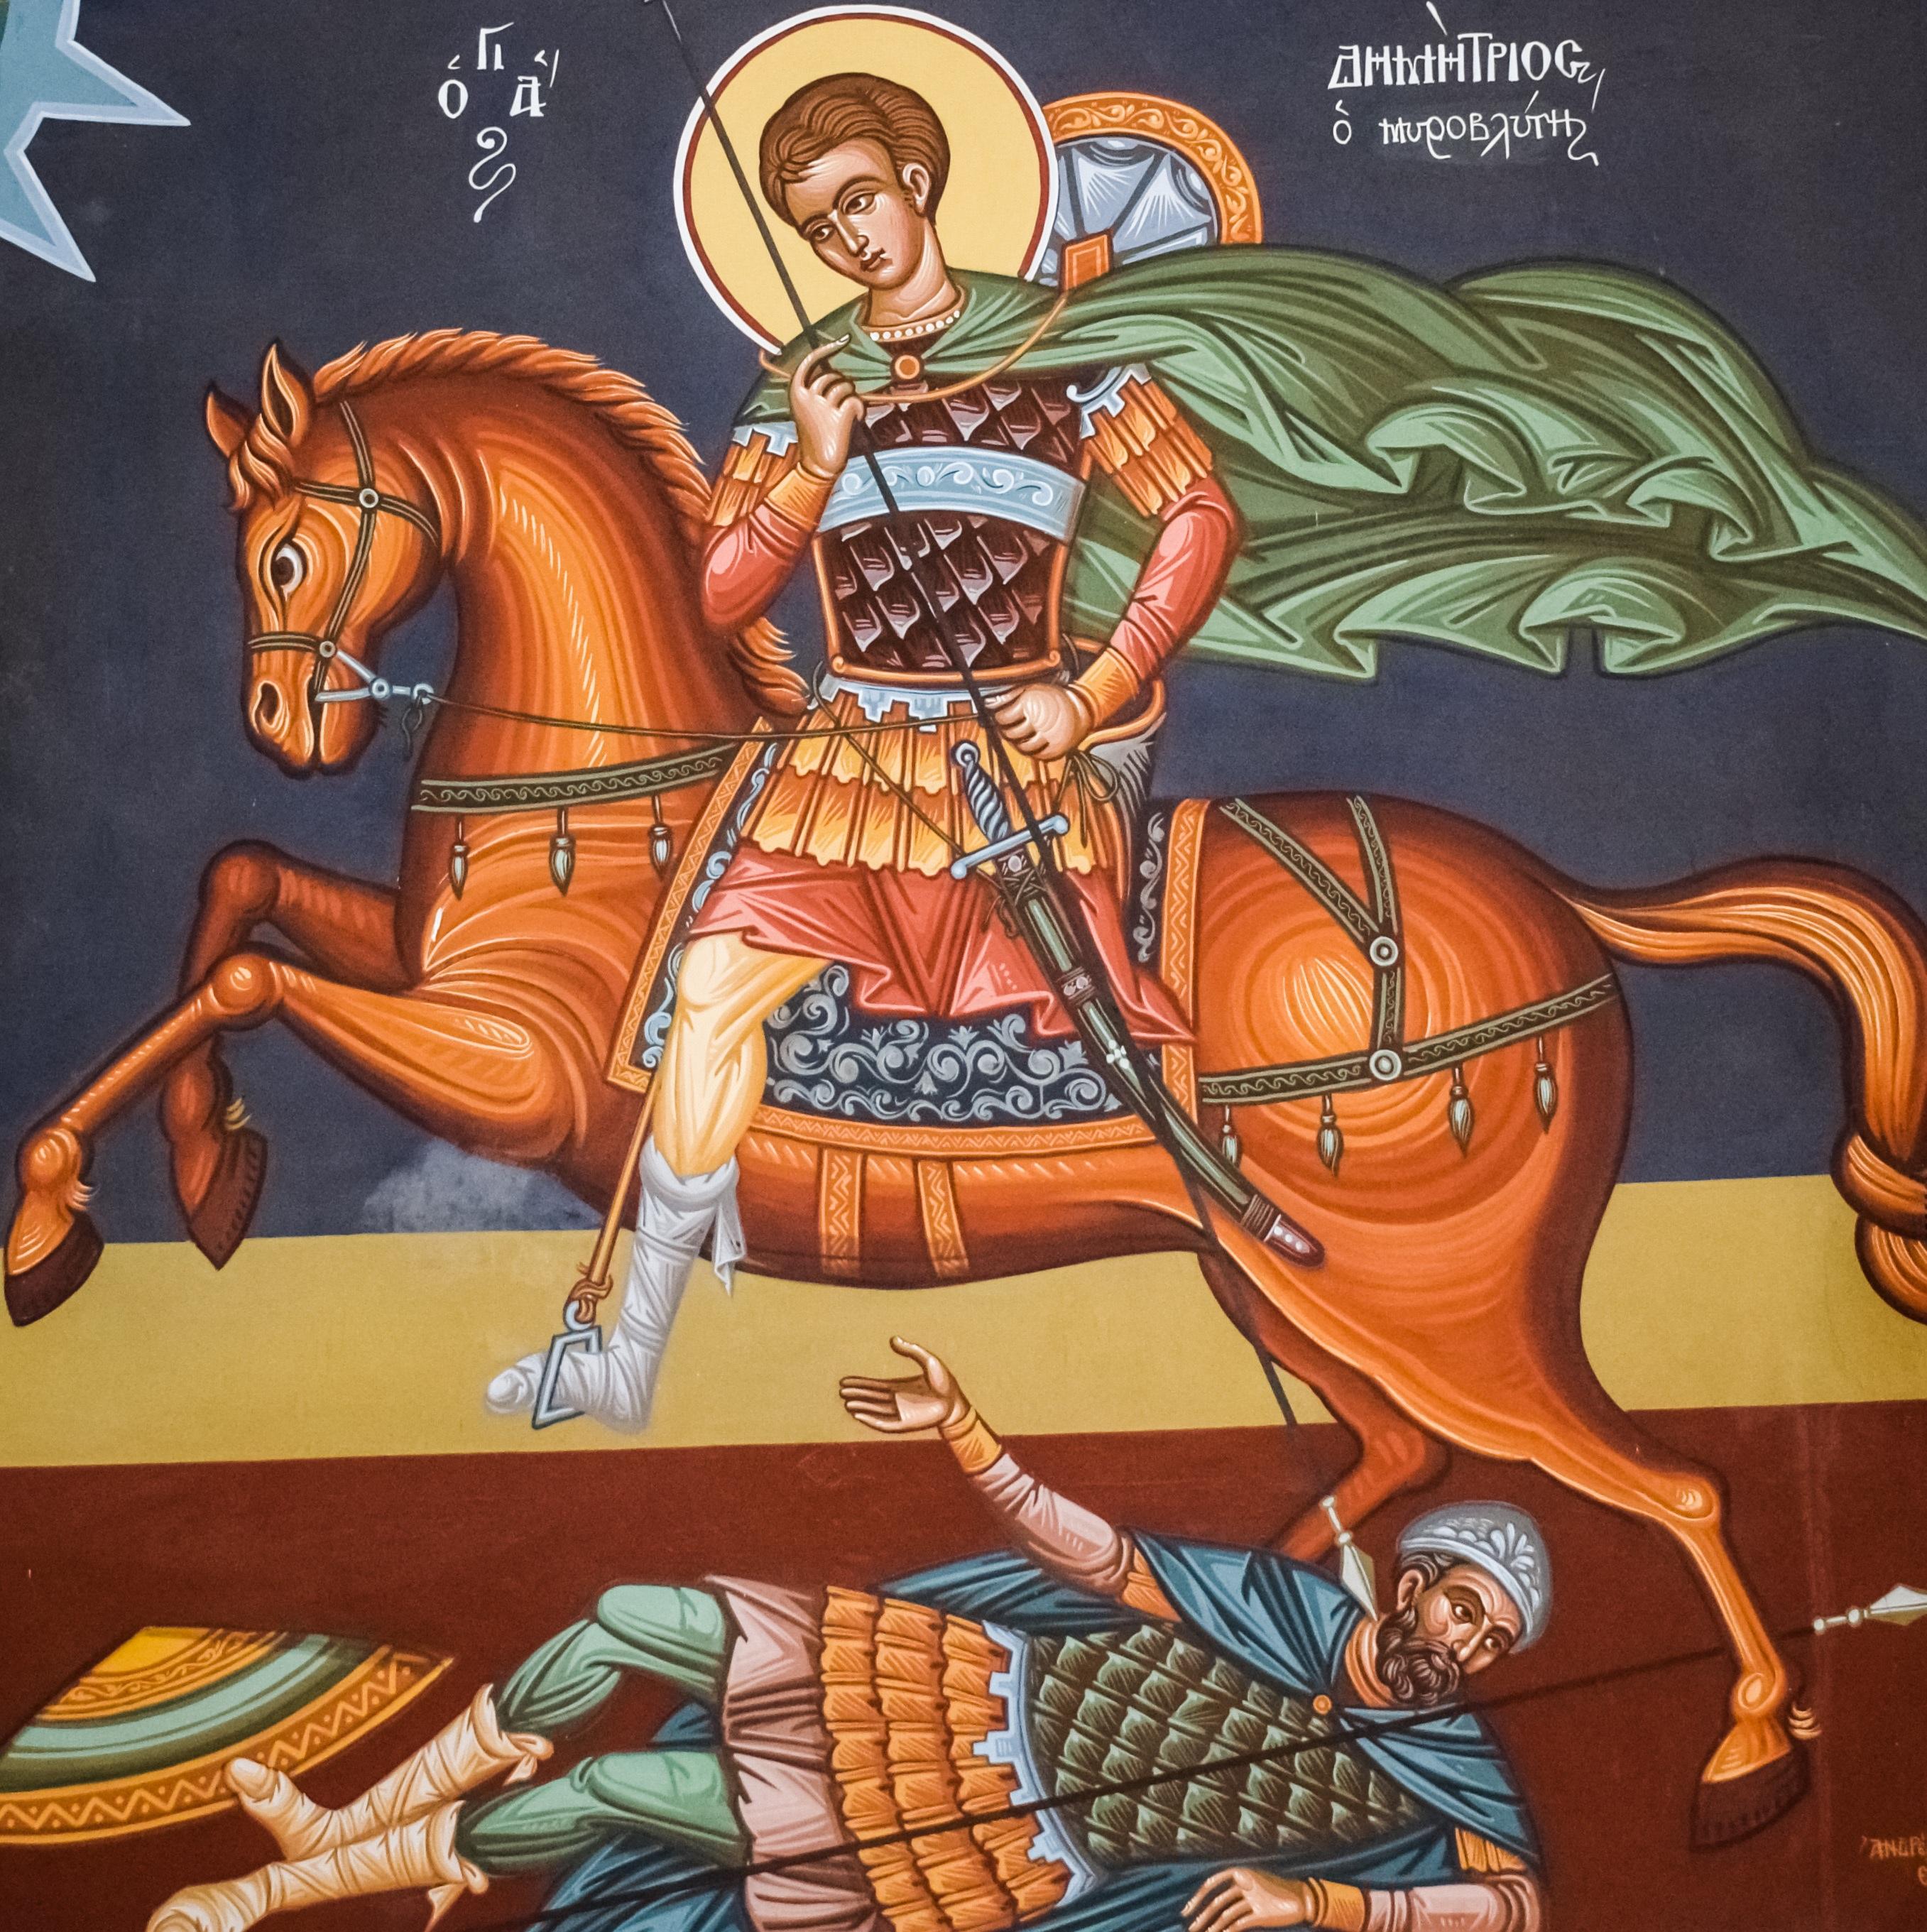 Gambar Agama Gereja Katedral Lukisan Ilustrasi Ikonografi